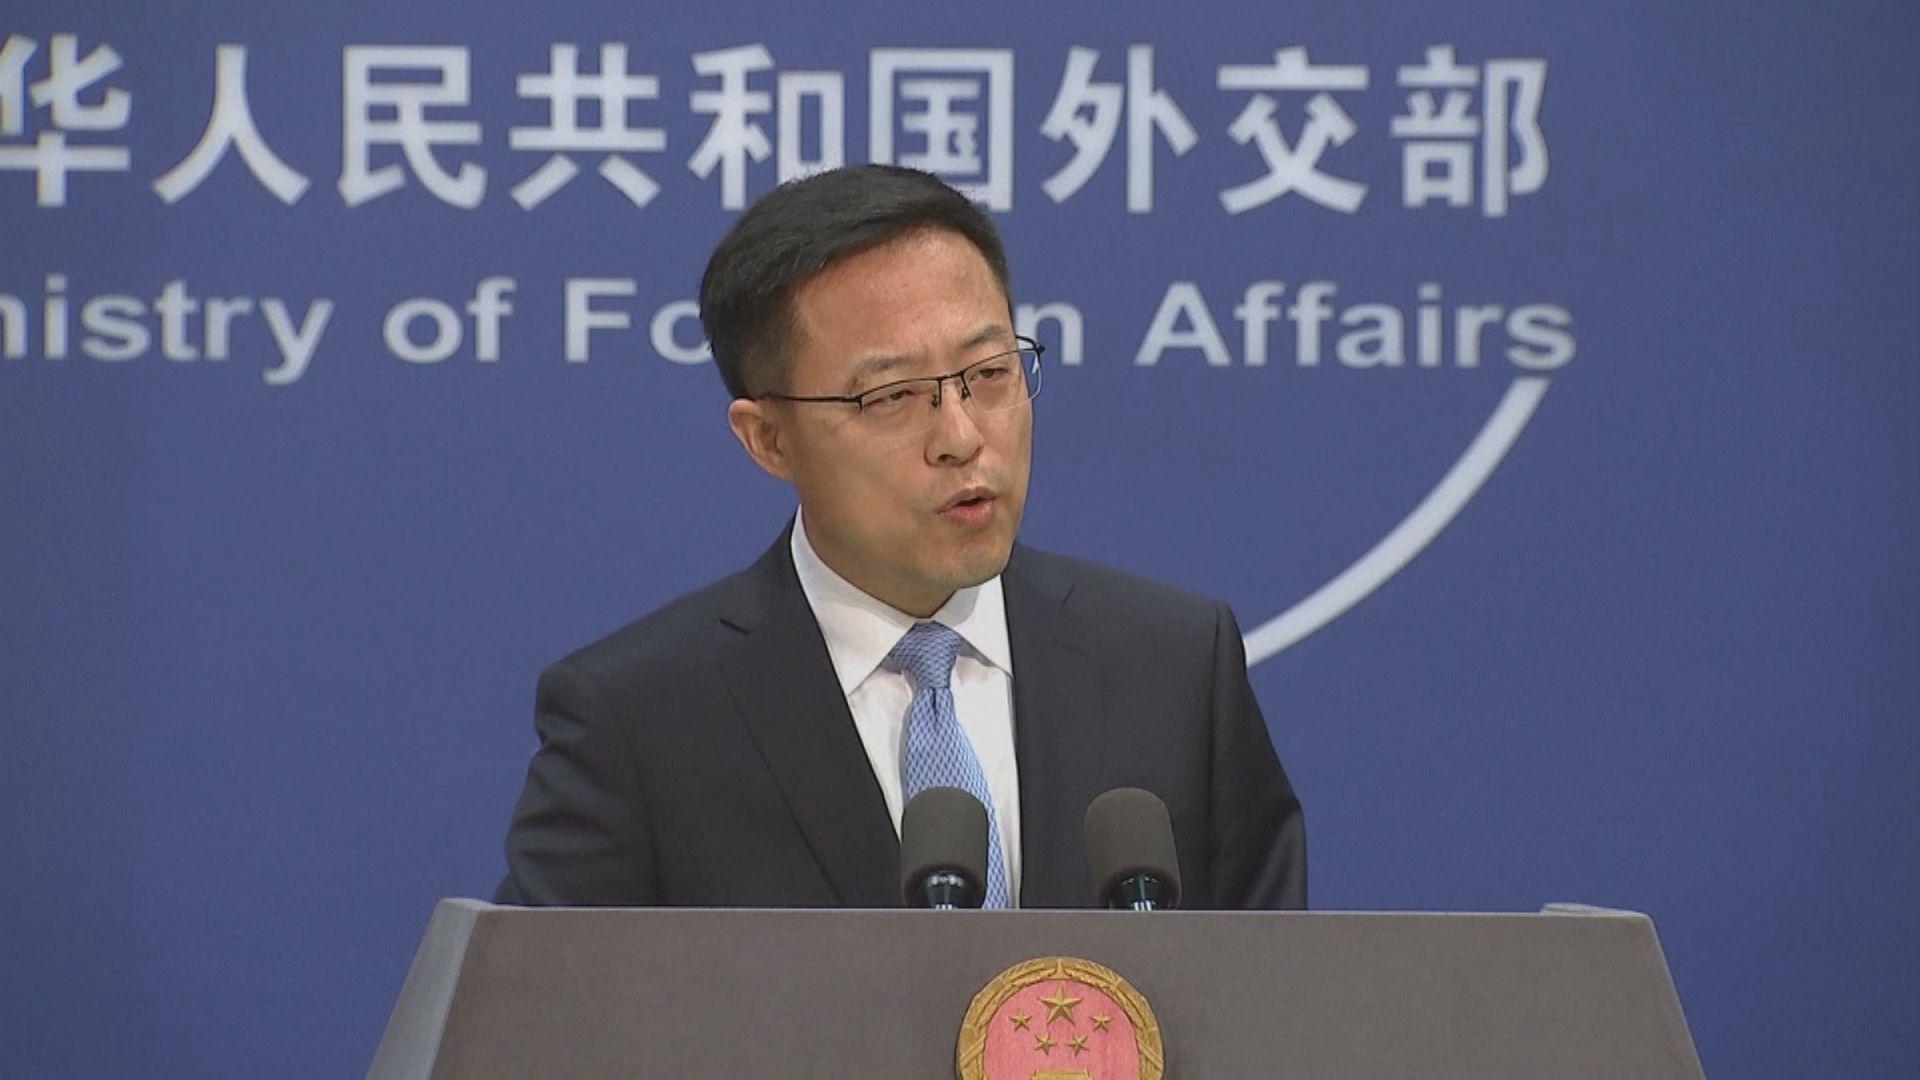 中澳關係緊張 外交部:責任完全不在中方